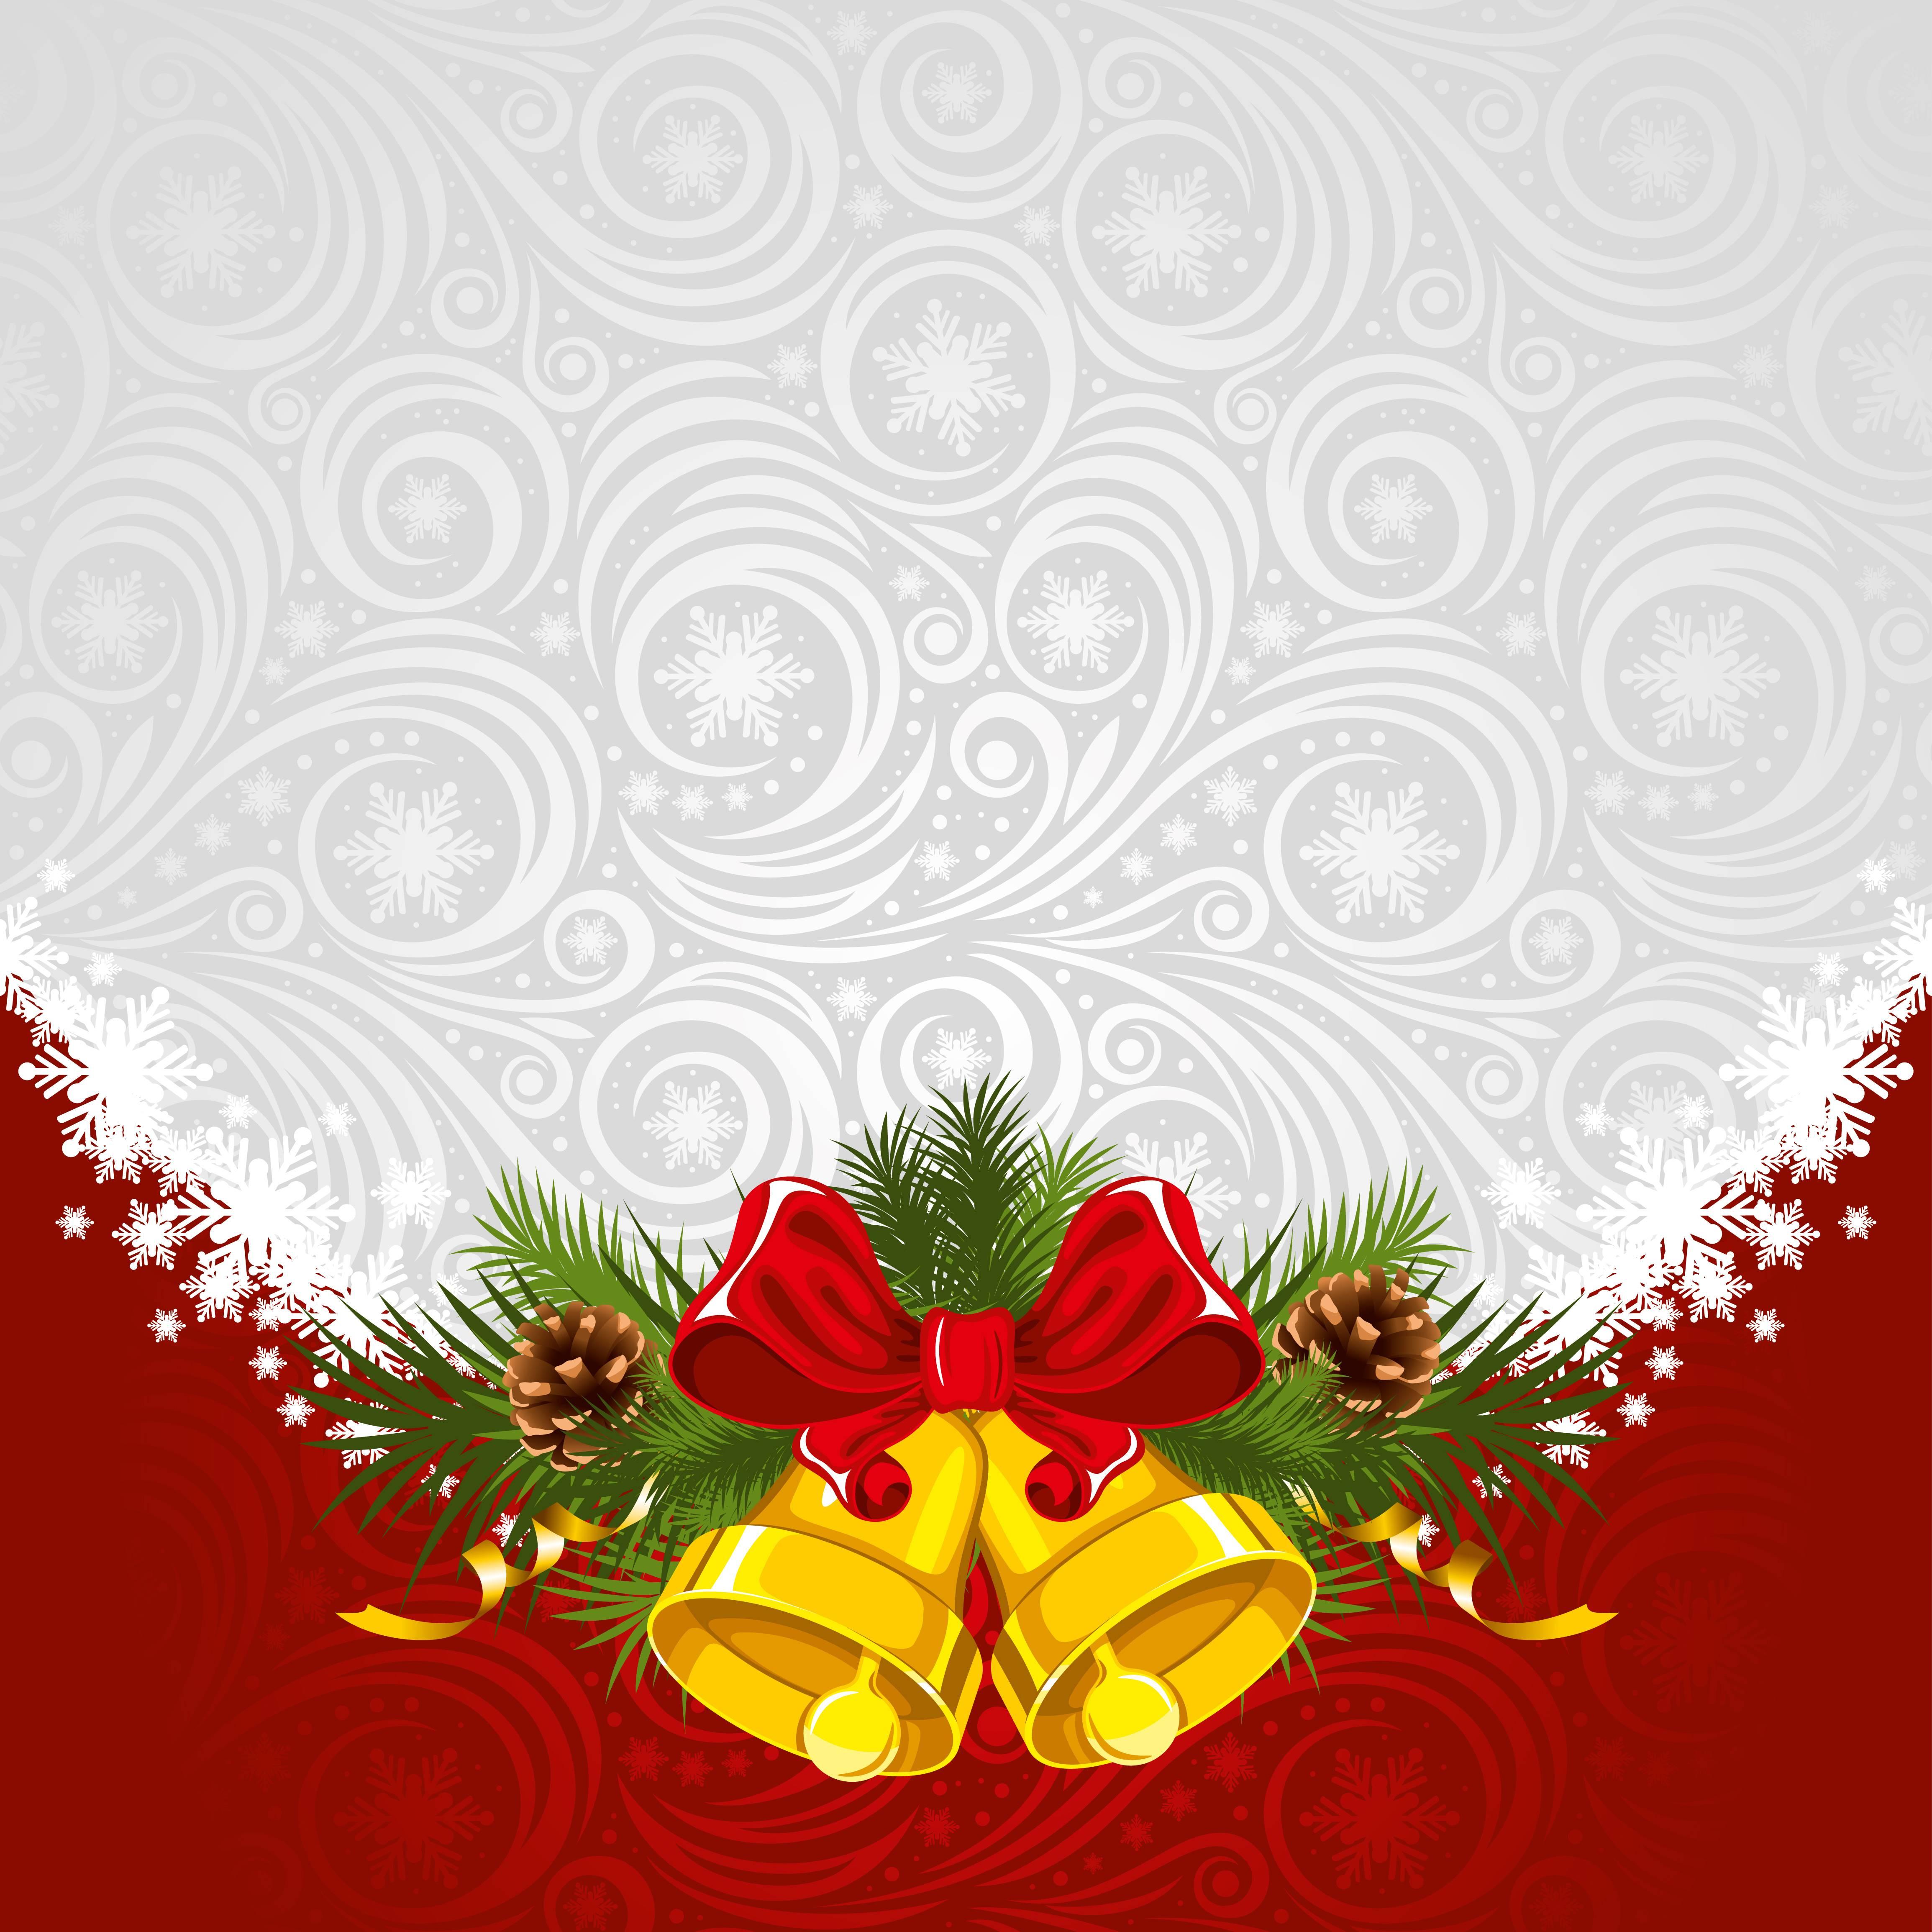 christmas backgrounds image wallpaper cave. Black Bedroom Furniture Sets. Home Design Ideas